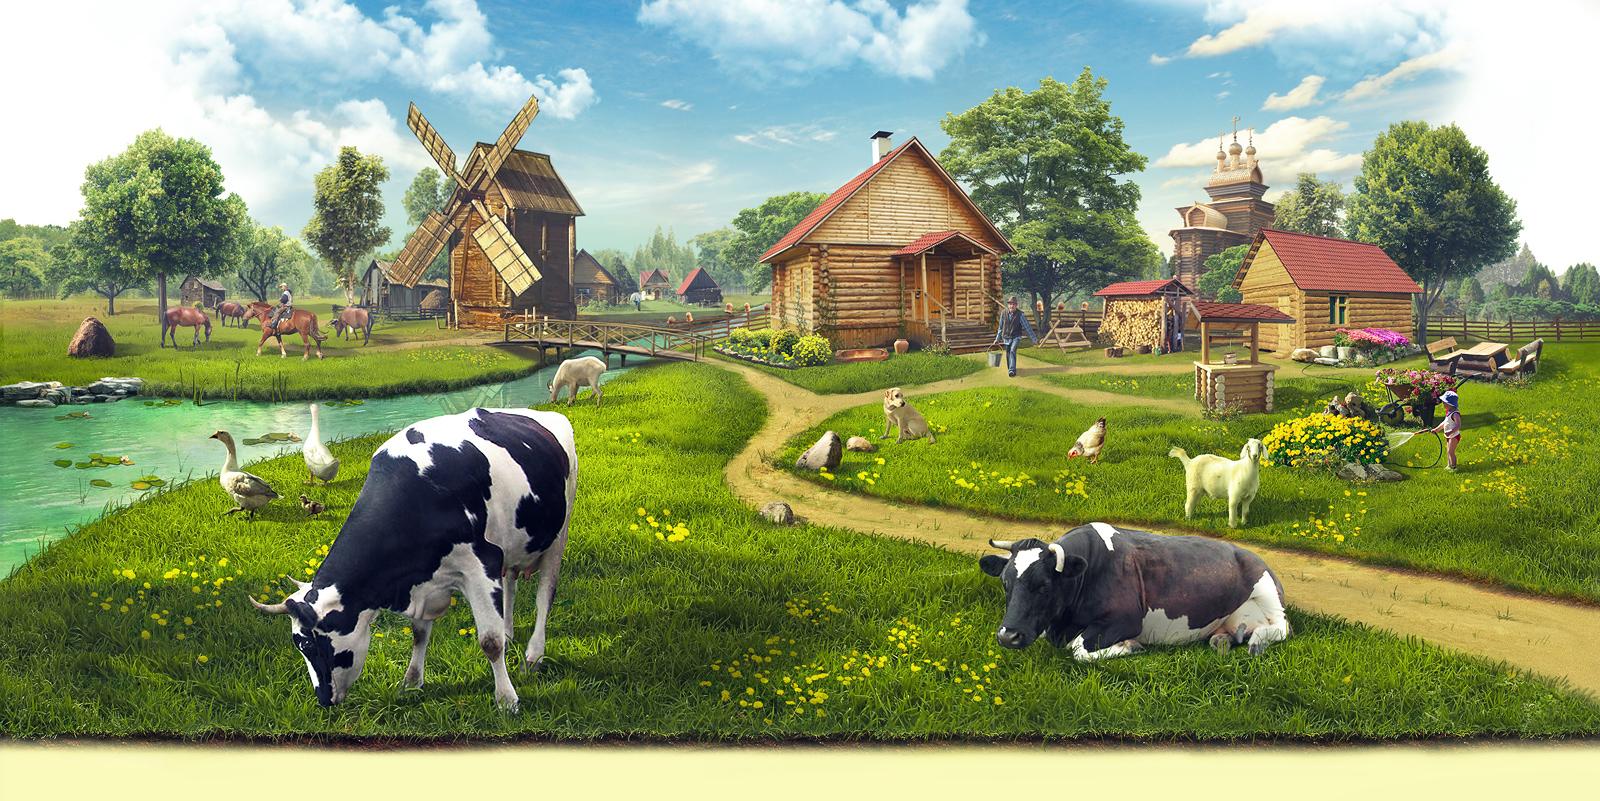 Крестьянское подворье иллюстрация для сайта